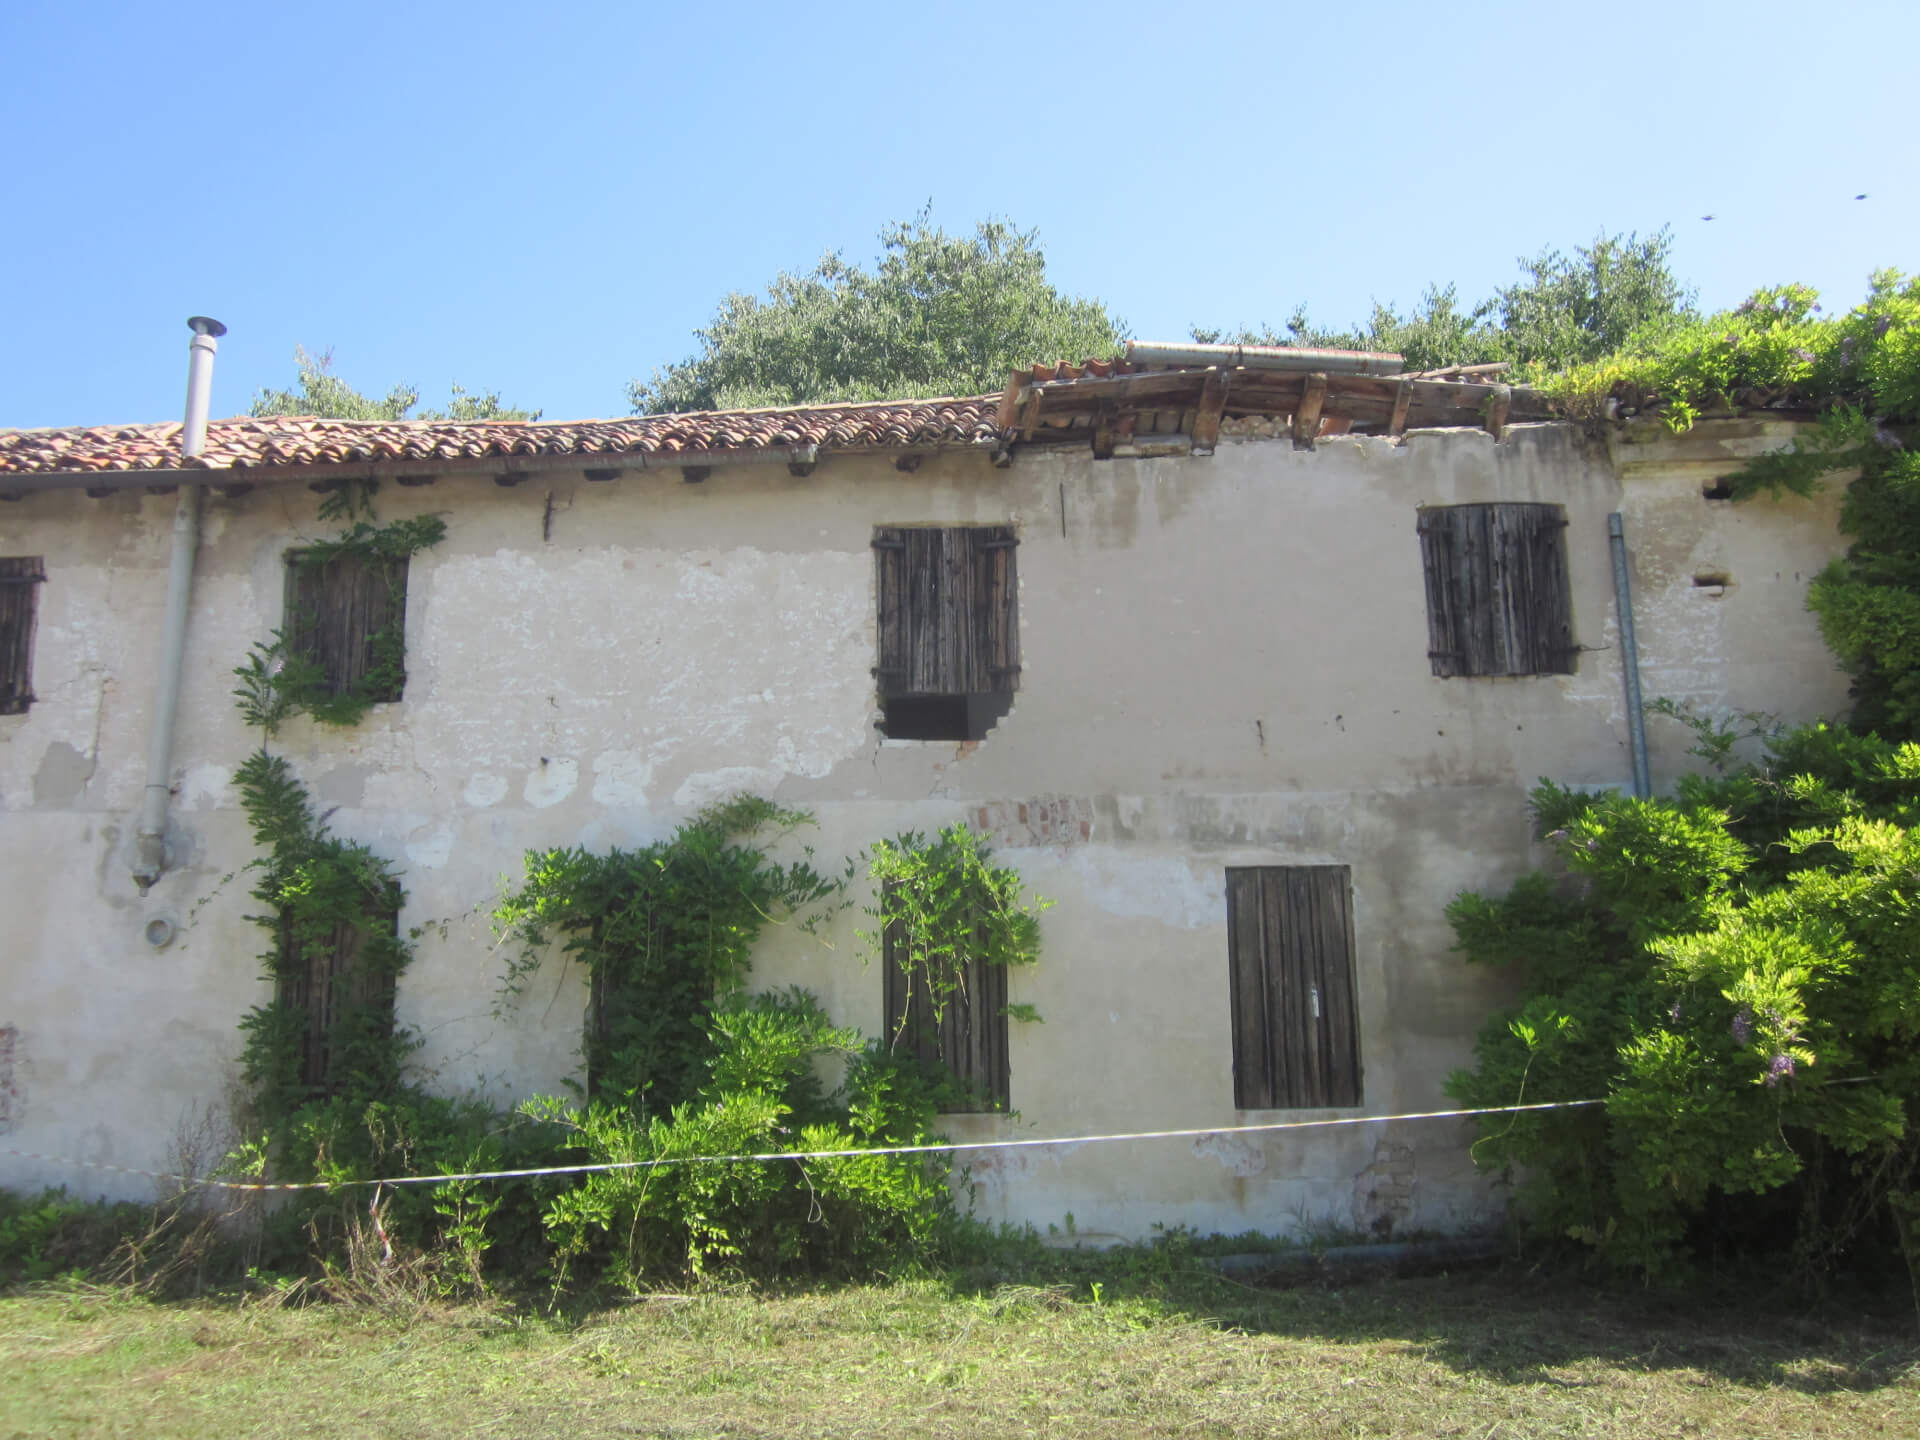 Immobili di borgo servi ducale restauro - Restauro immobili ...